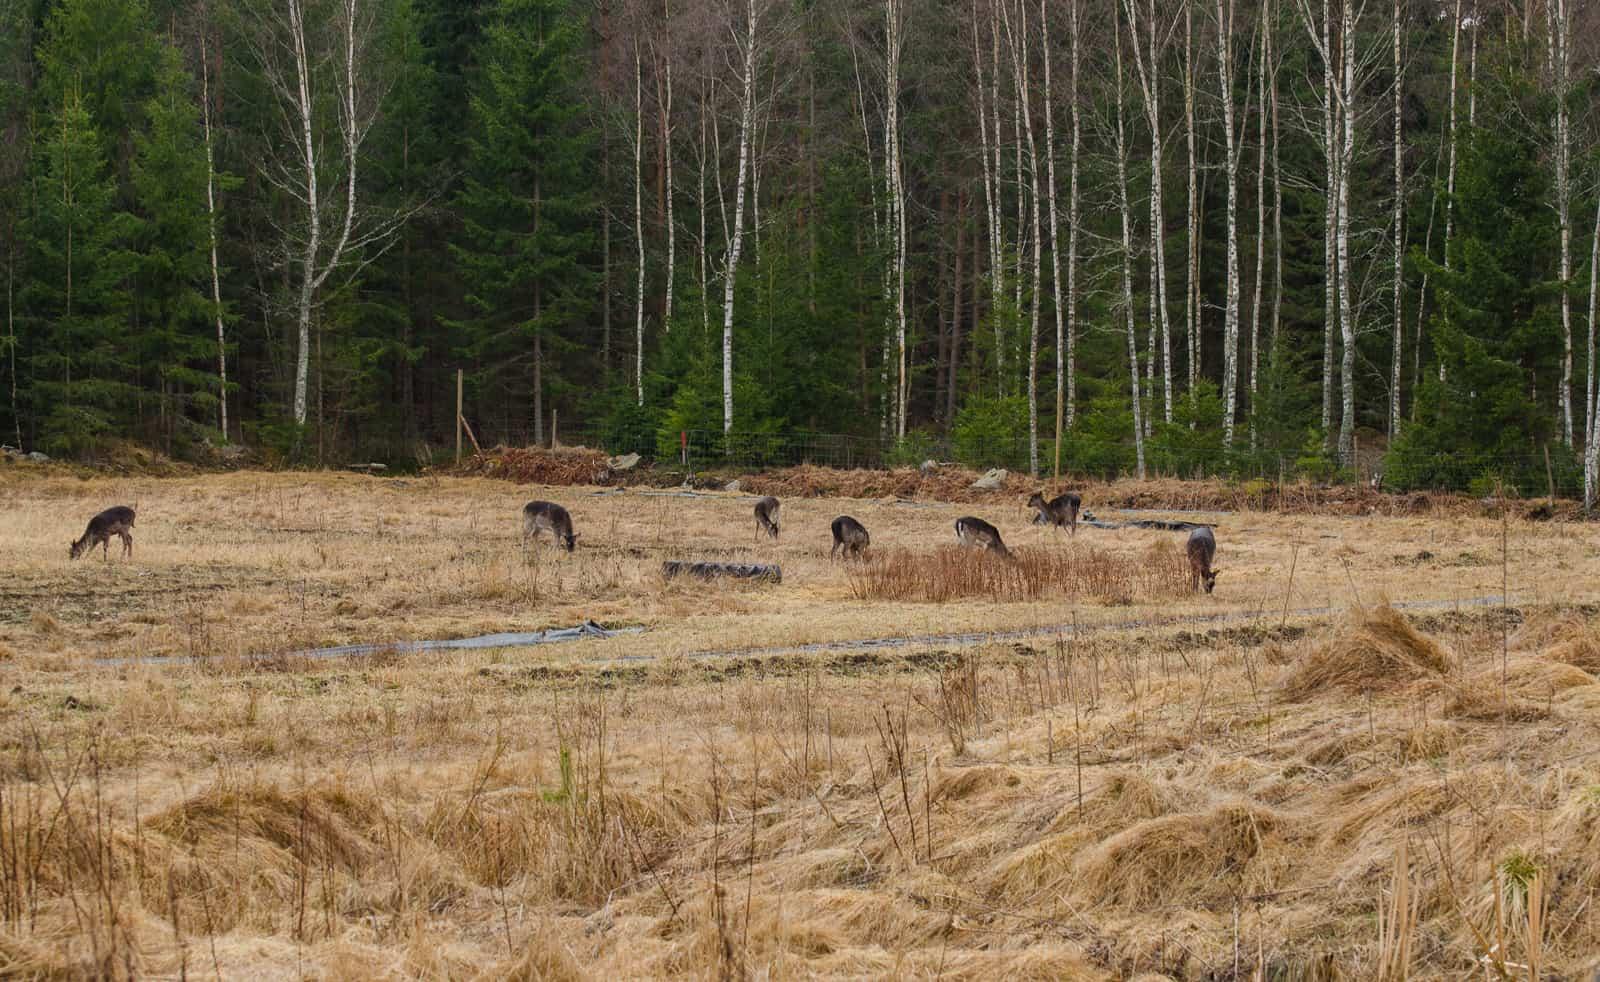 Det är den här synen jag helst vill slippa i framtiden. Att hjortarna går och betar gräs går an – men när de ger sig på träd och buskar får jag nog.